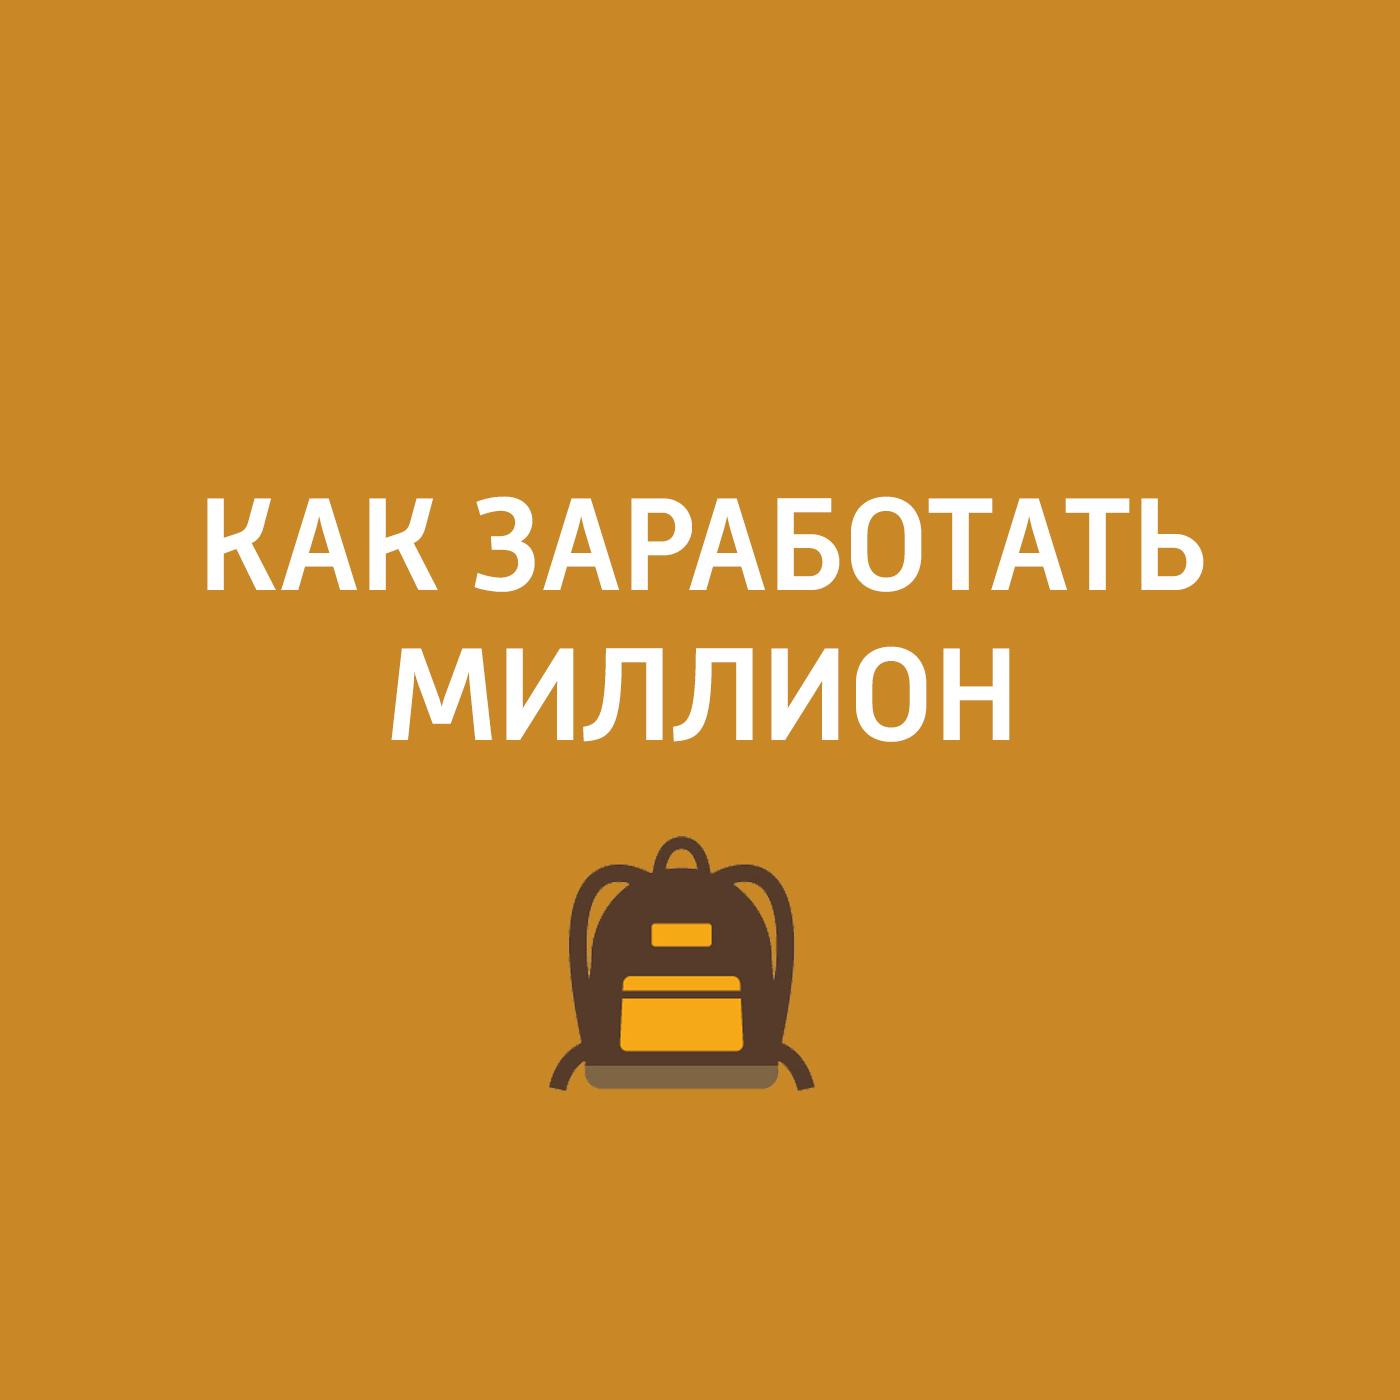 Творческий коллектив шоу «Сергей Стиллавин и его друзья» Бородист бренды